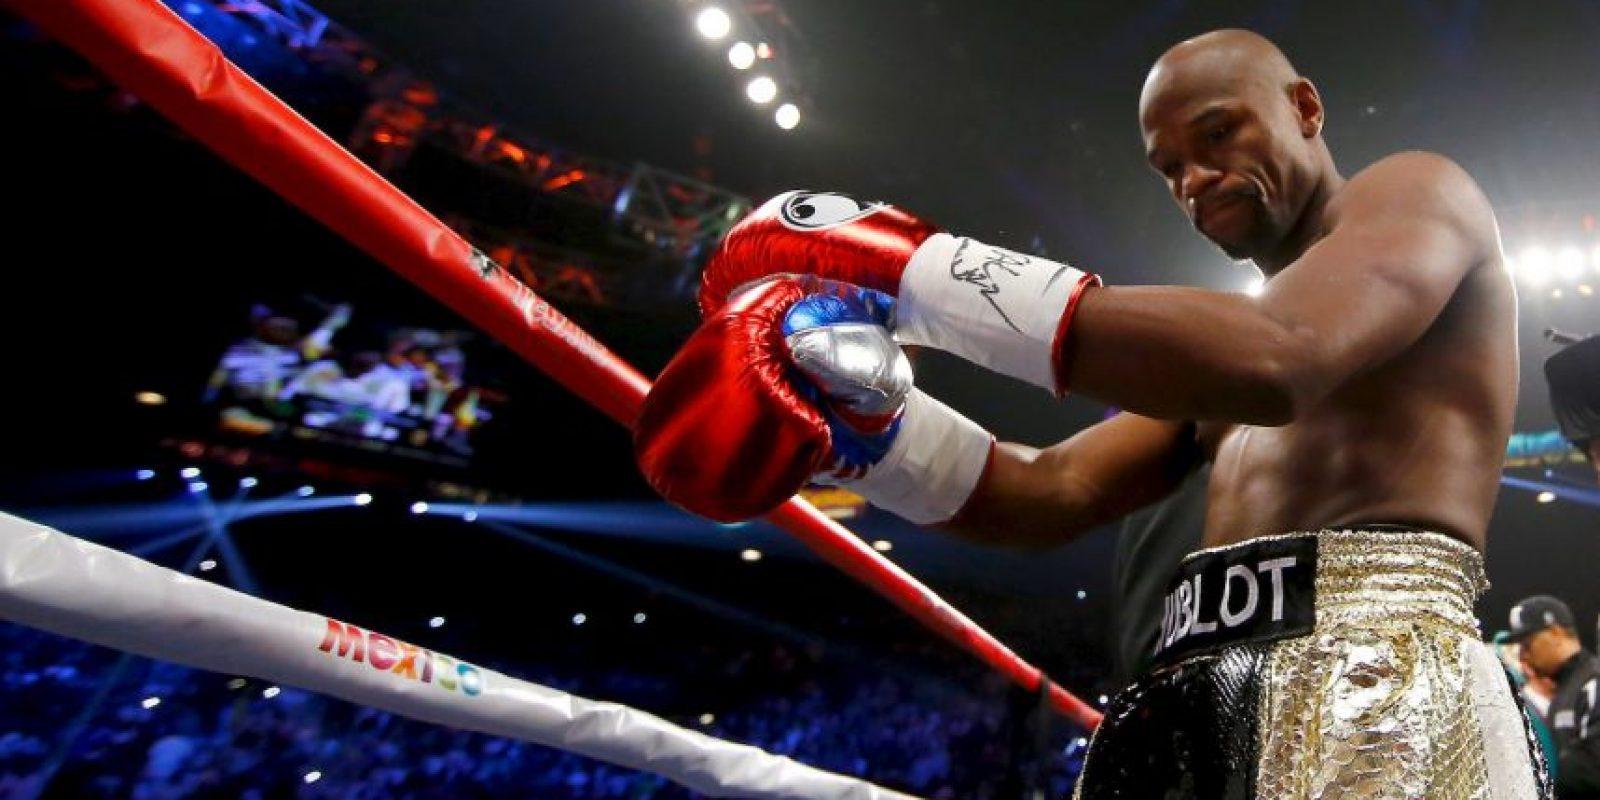 """Mayweather: """"Sabía que Manny iba a ganar algunos rounds, tuvo grandes momentos en la pelea y (yo) tenía que estar por fuera, ser inteligente, golpearlo, y mantenerlo dentro de la bolsa"""". Foto:Getty Images"""